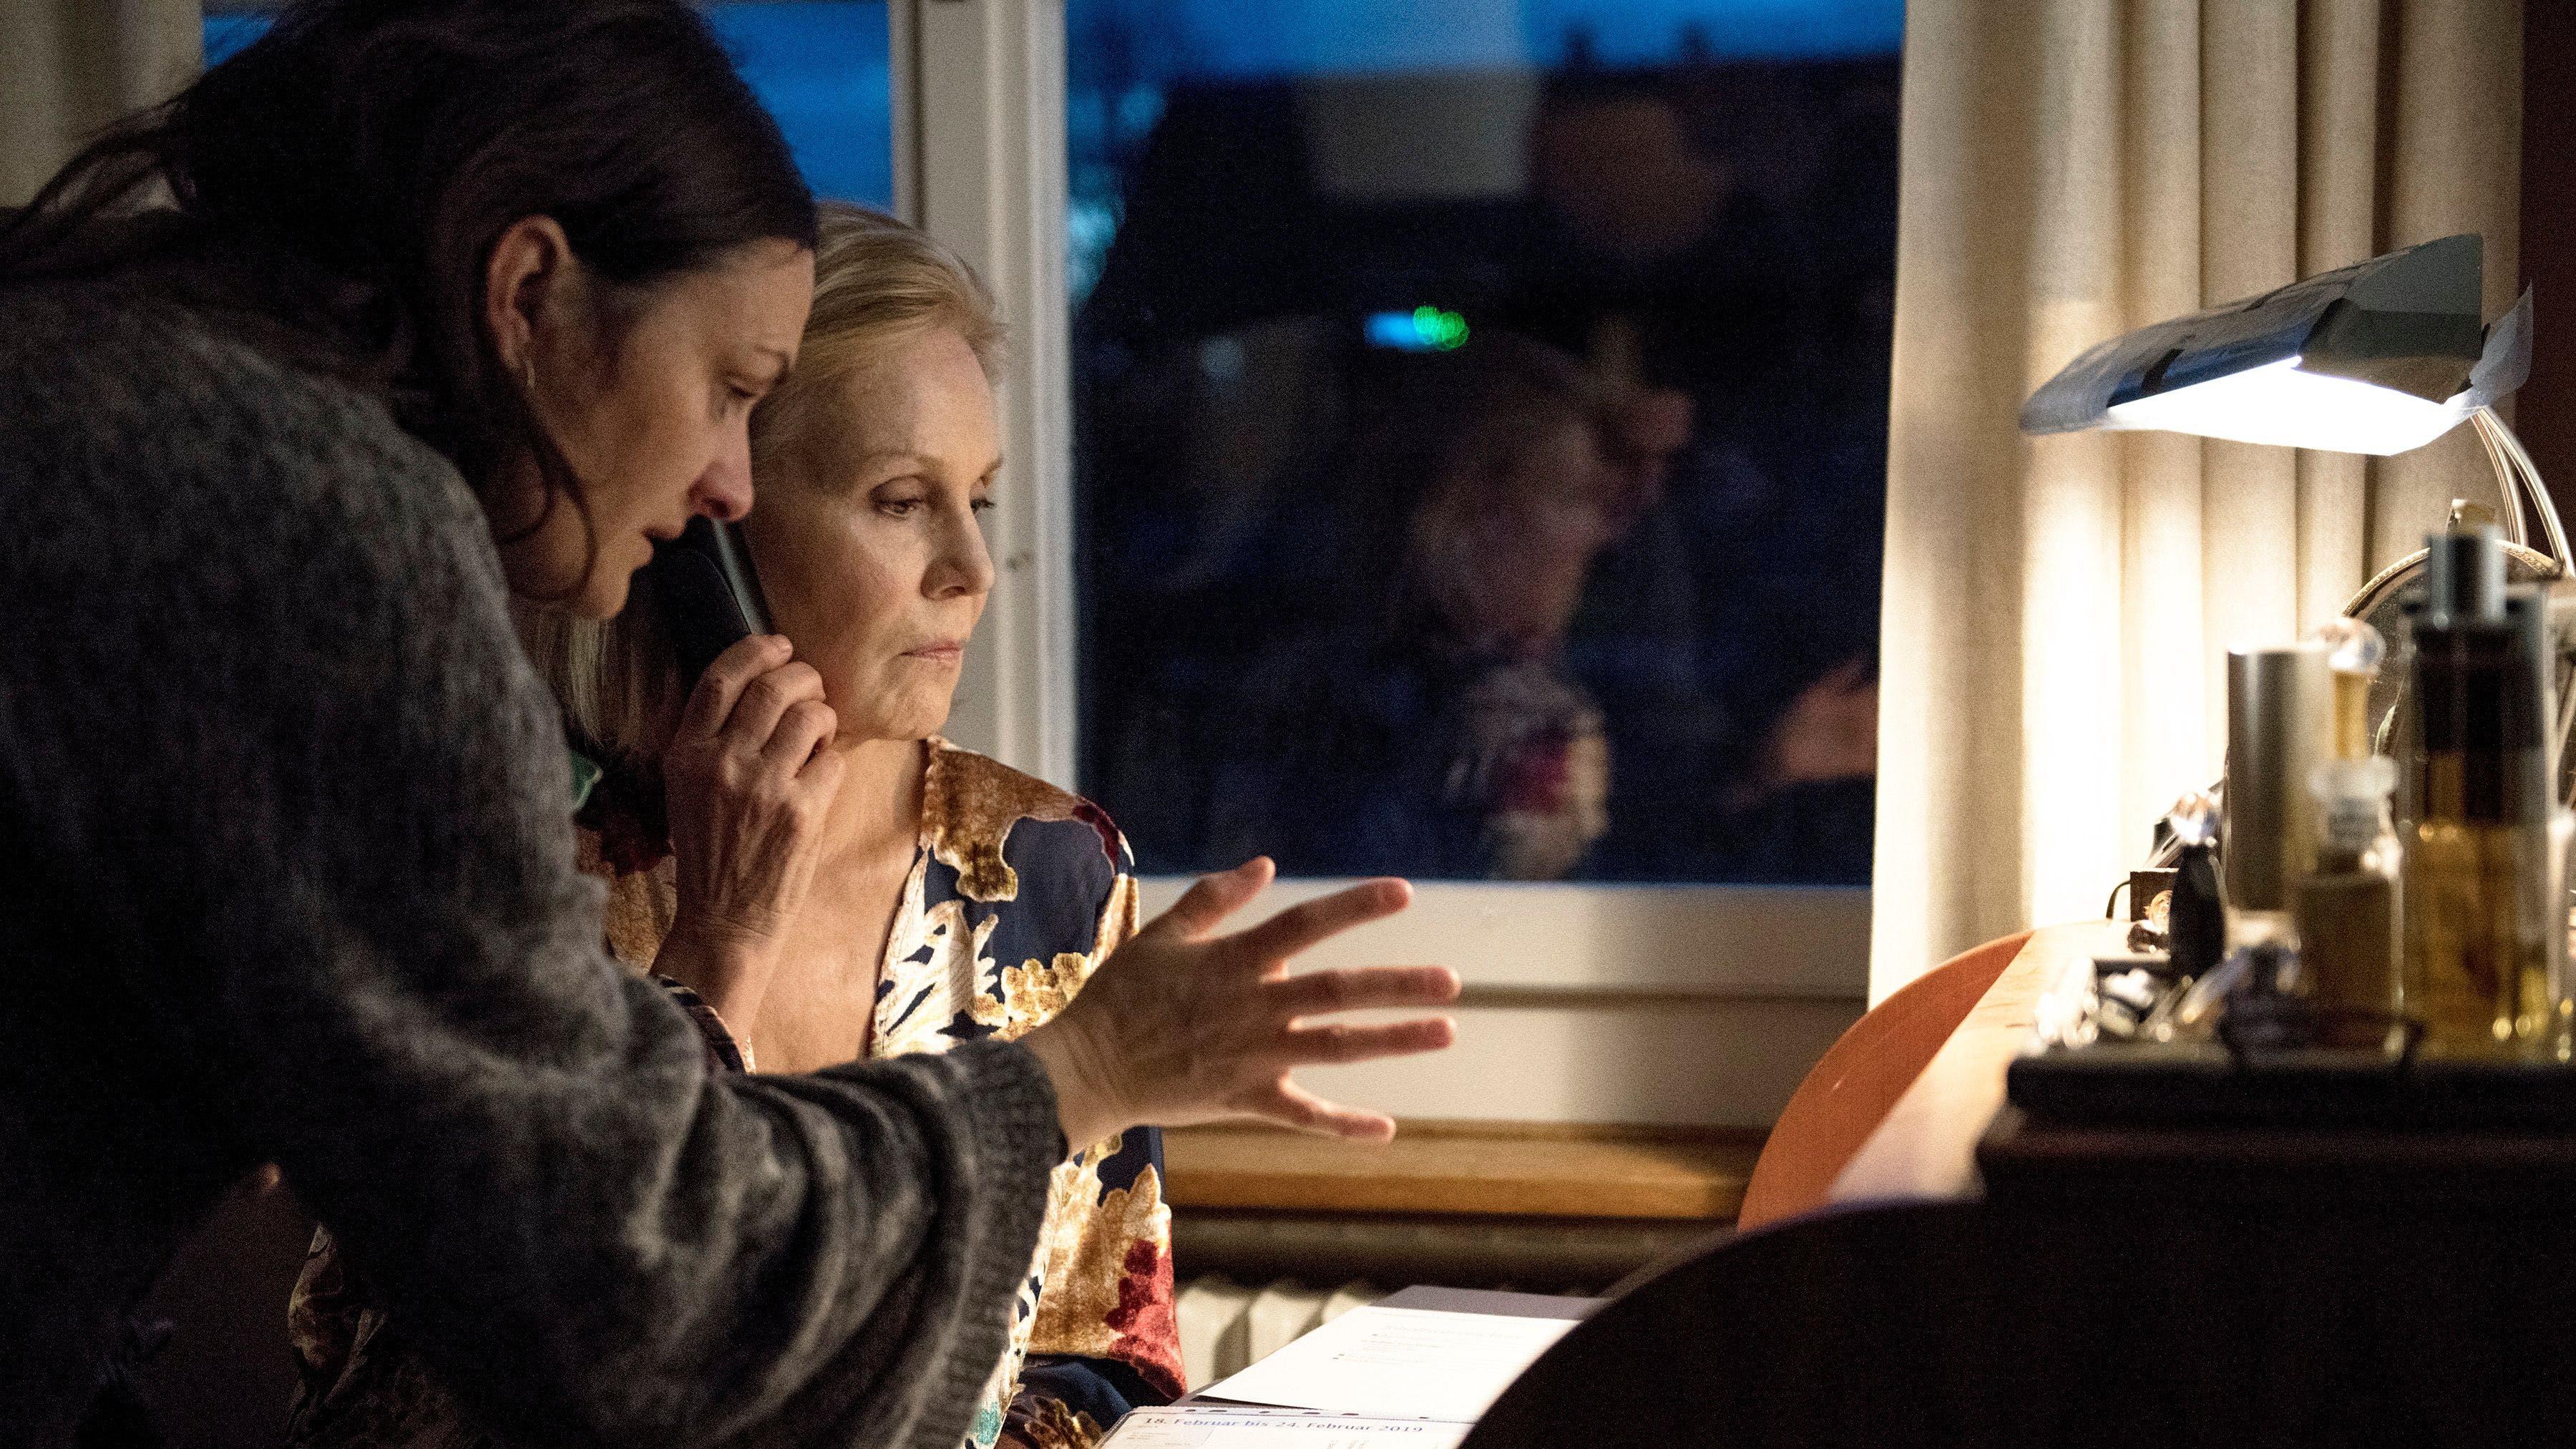 «Ich musste in den letzten Monaten die Spannung wachhalten und durfte die Lust nicht verlieren, immer wieder über den Film zu sprechen. Gleichzeitig durfte mich dies nicht davon abhalten, neue Projekte anzugehen»: Bettina Oberli mit Marthe Keller auf dem Filmset von «Wanda, mein Wunder».